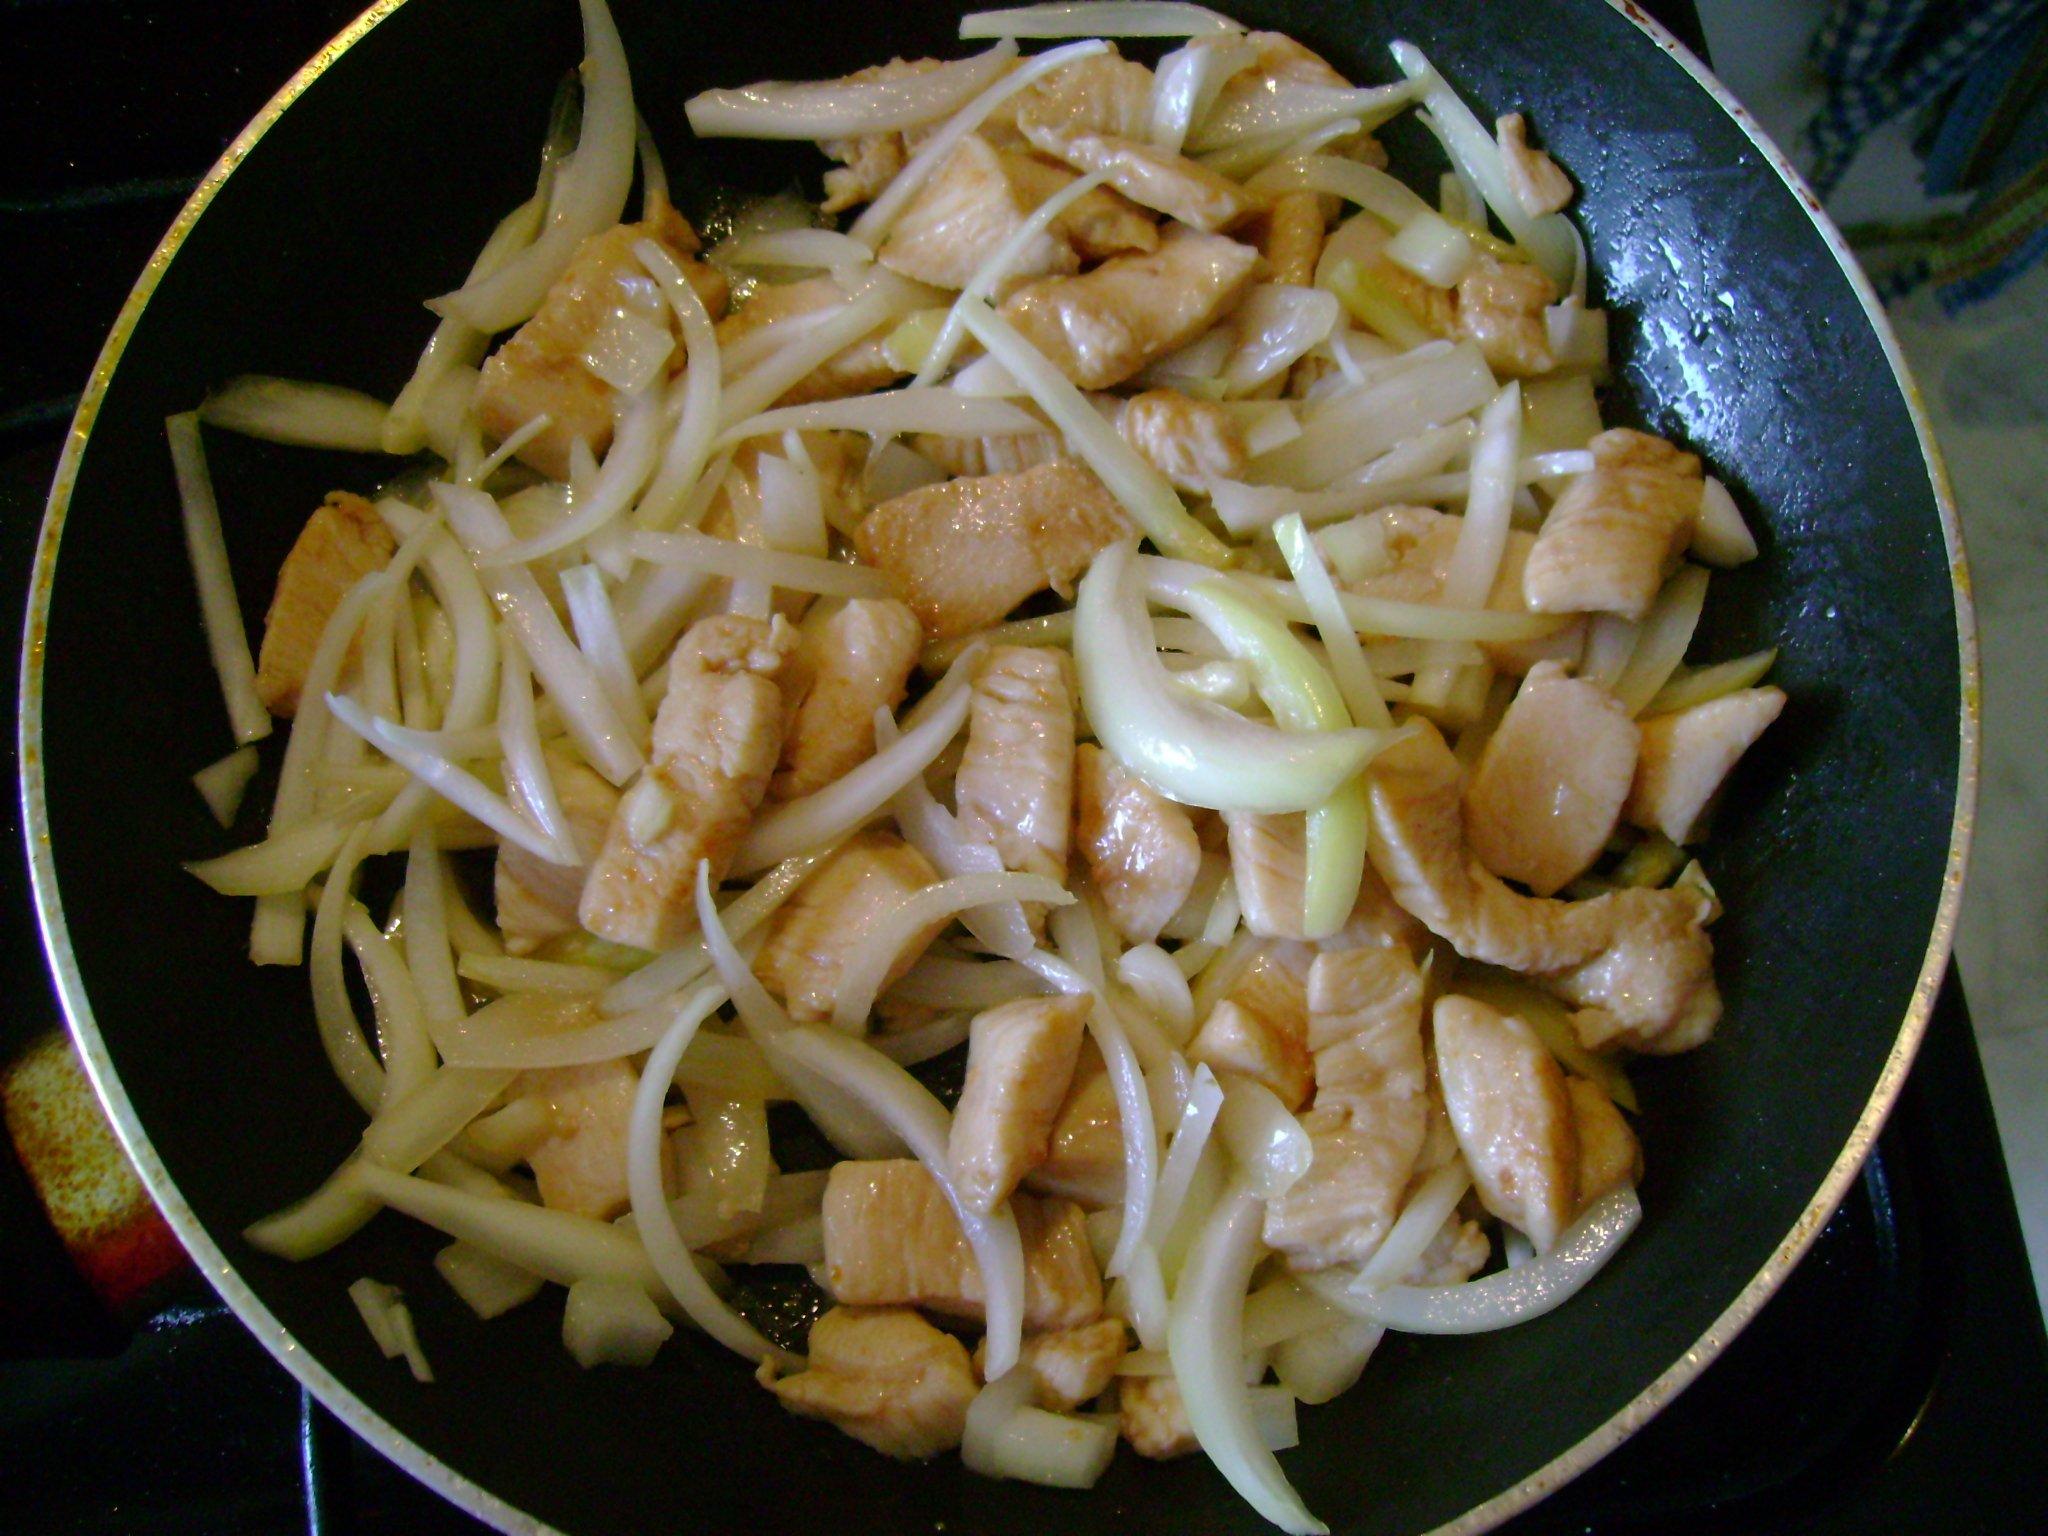 Recept Krakonošův oheň - Přidáme cibuli.